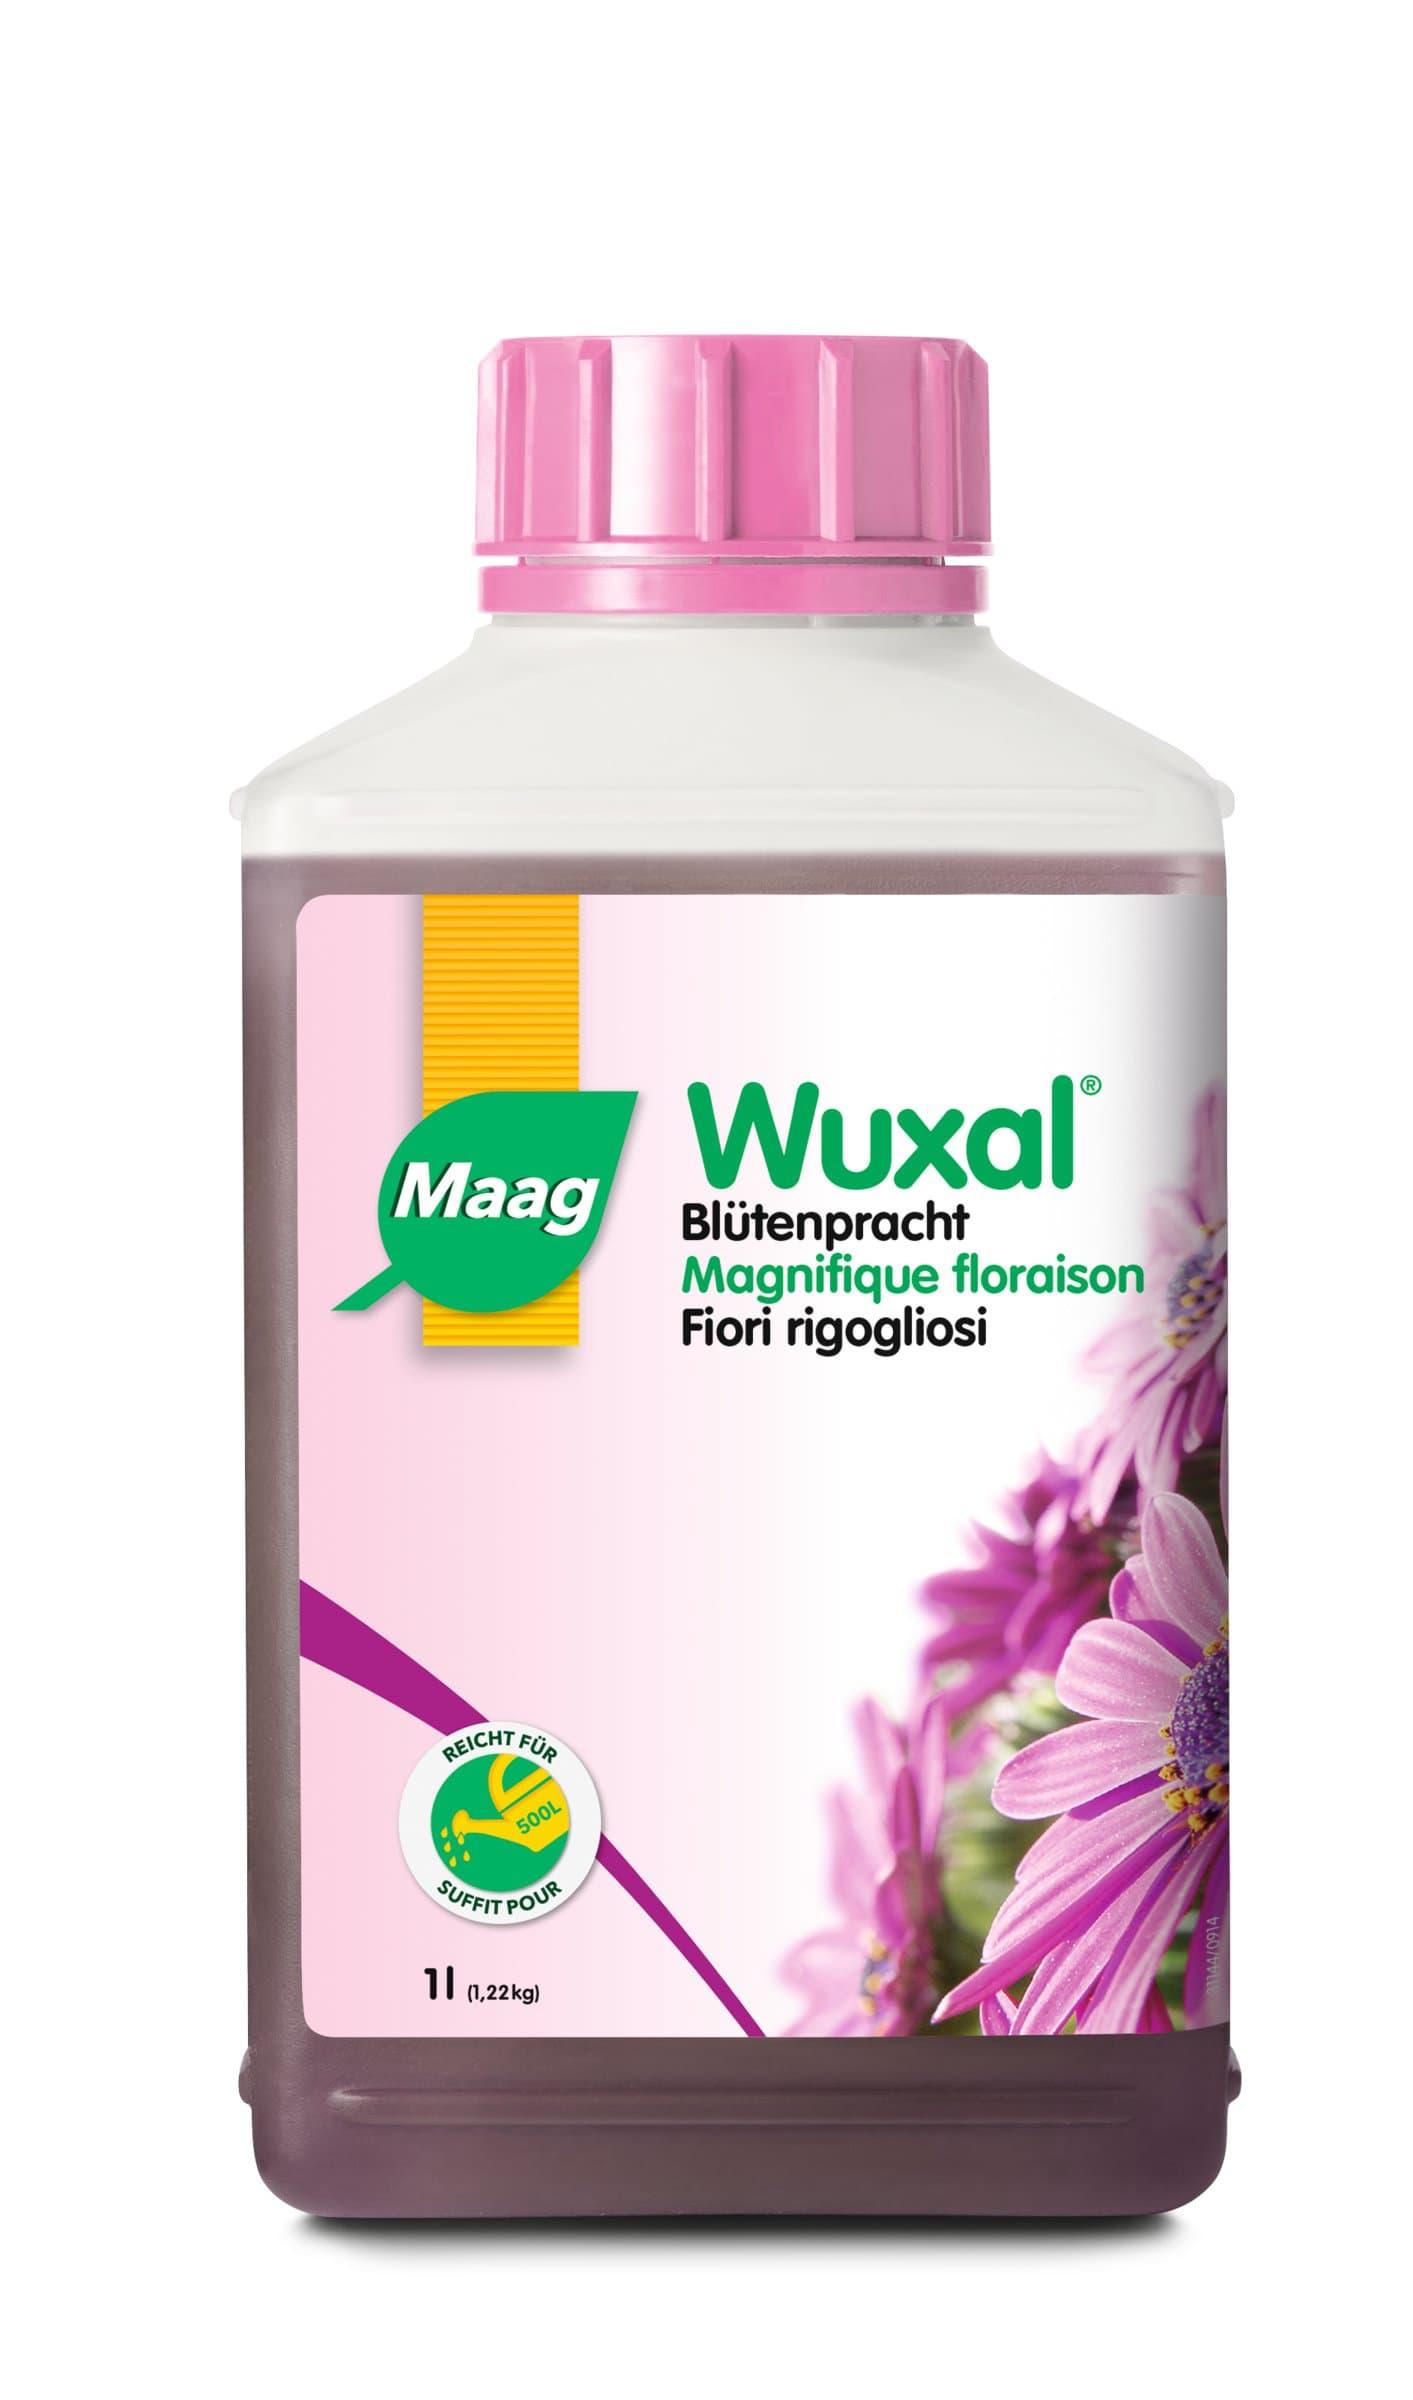 Maag Wuxal Magnifique floraison, 1 l